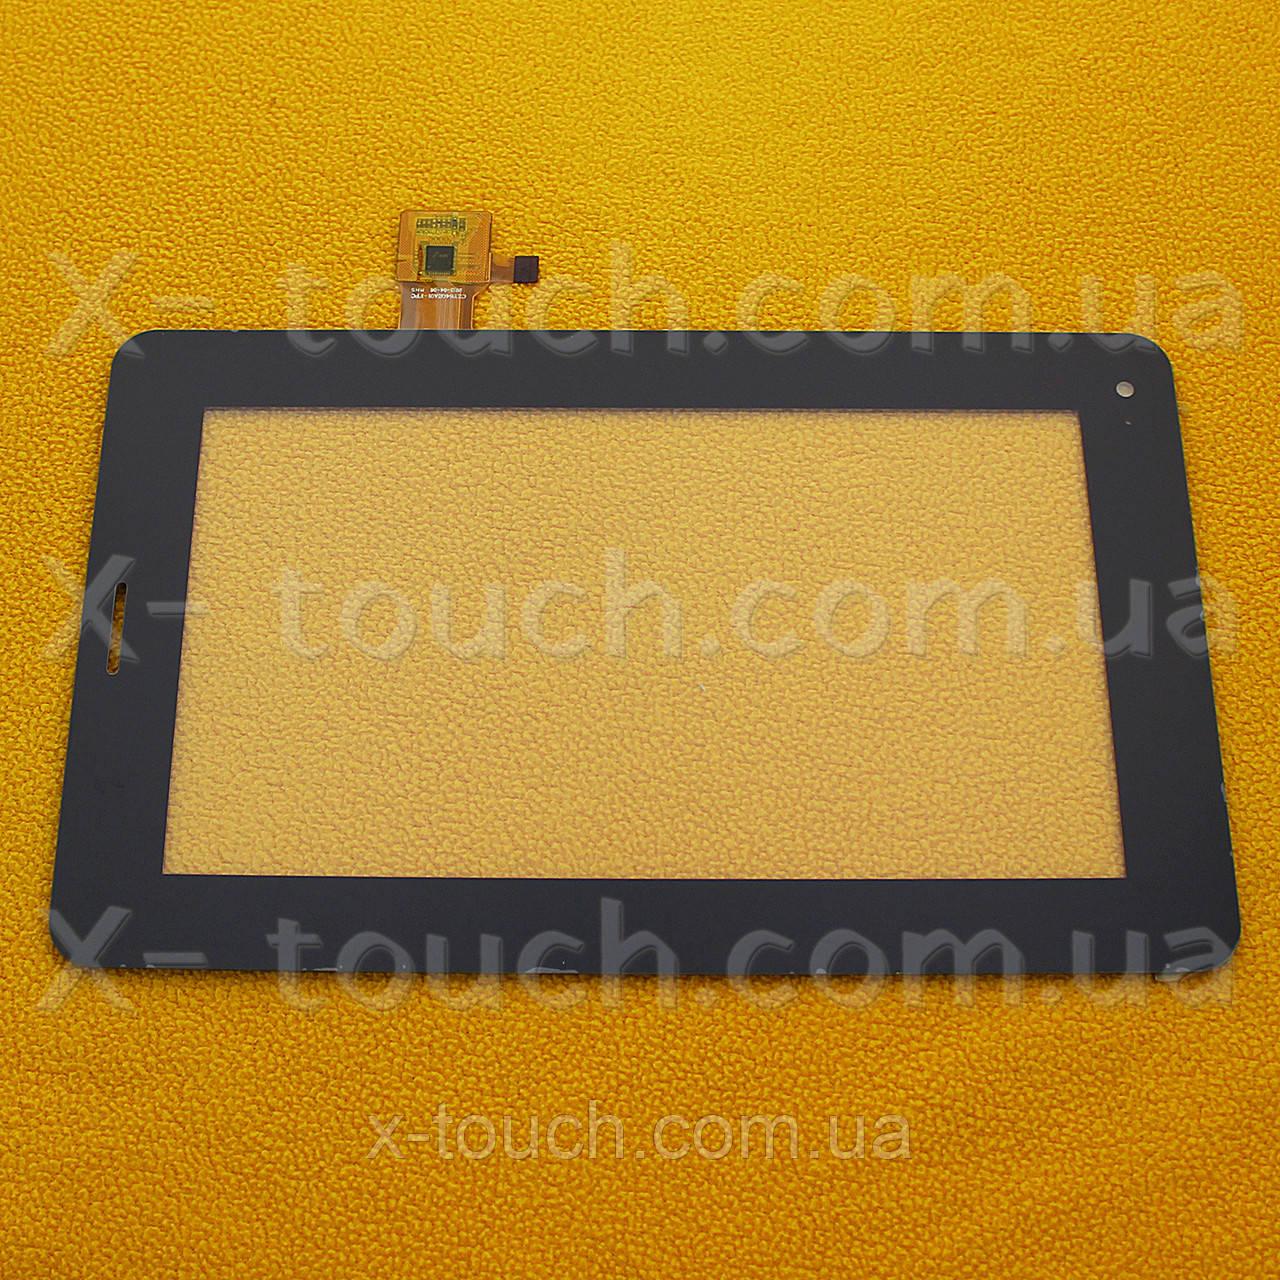 Тачскрин, сенсор CZY6313A01-FPC для планшета